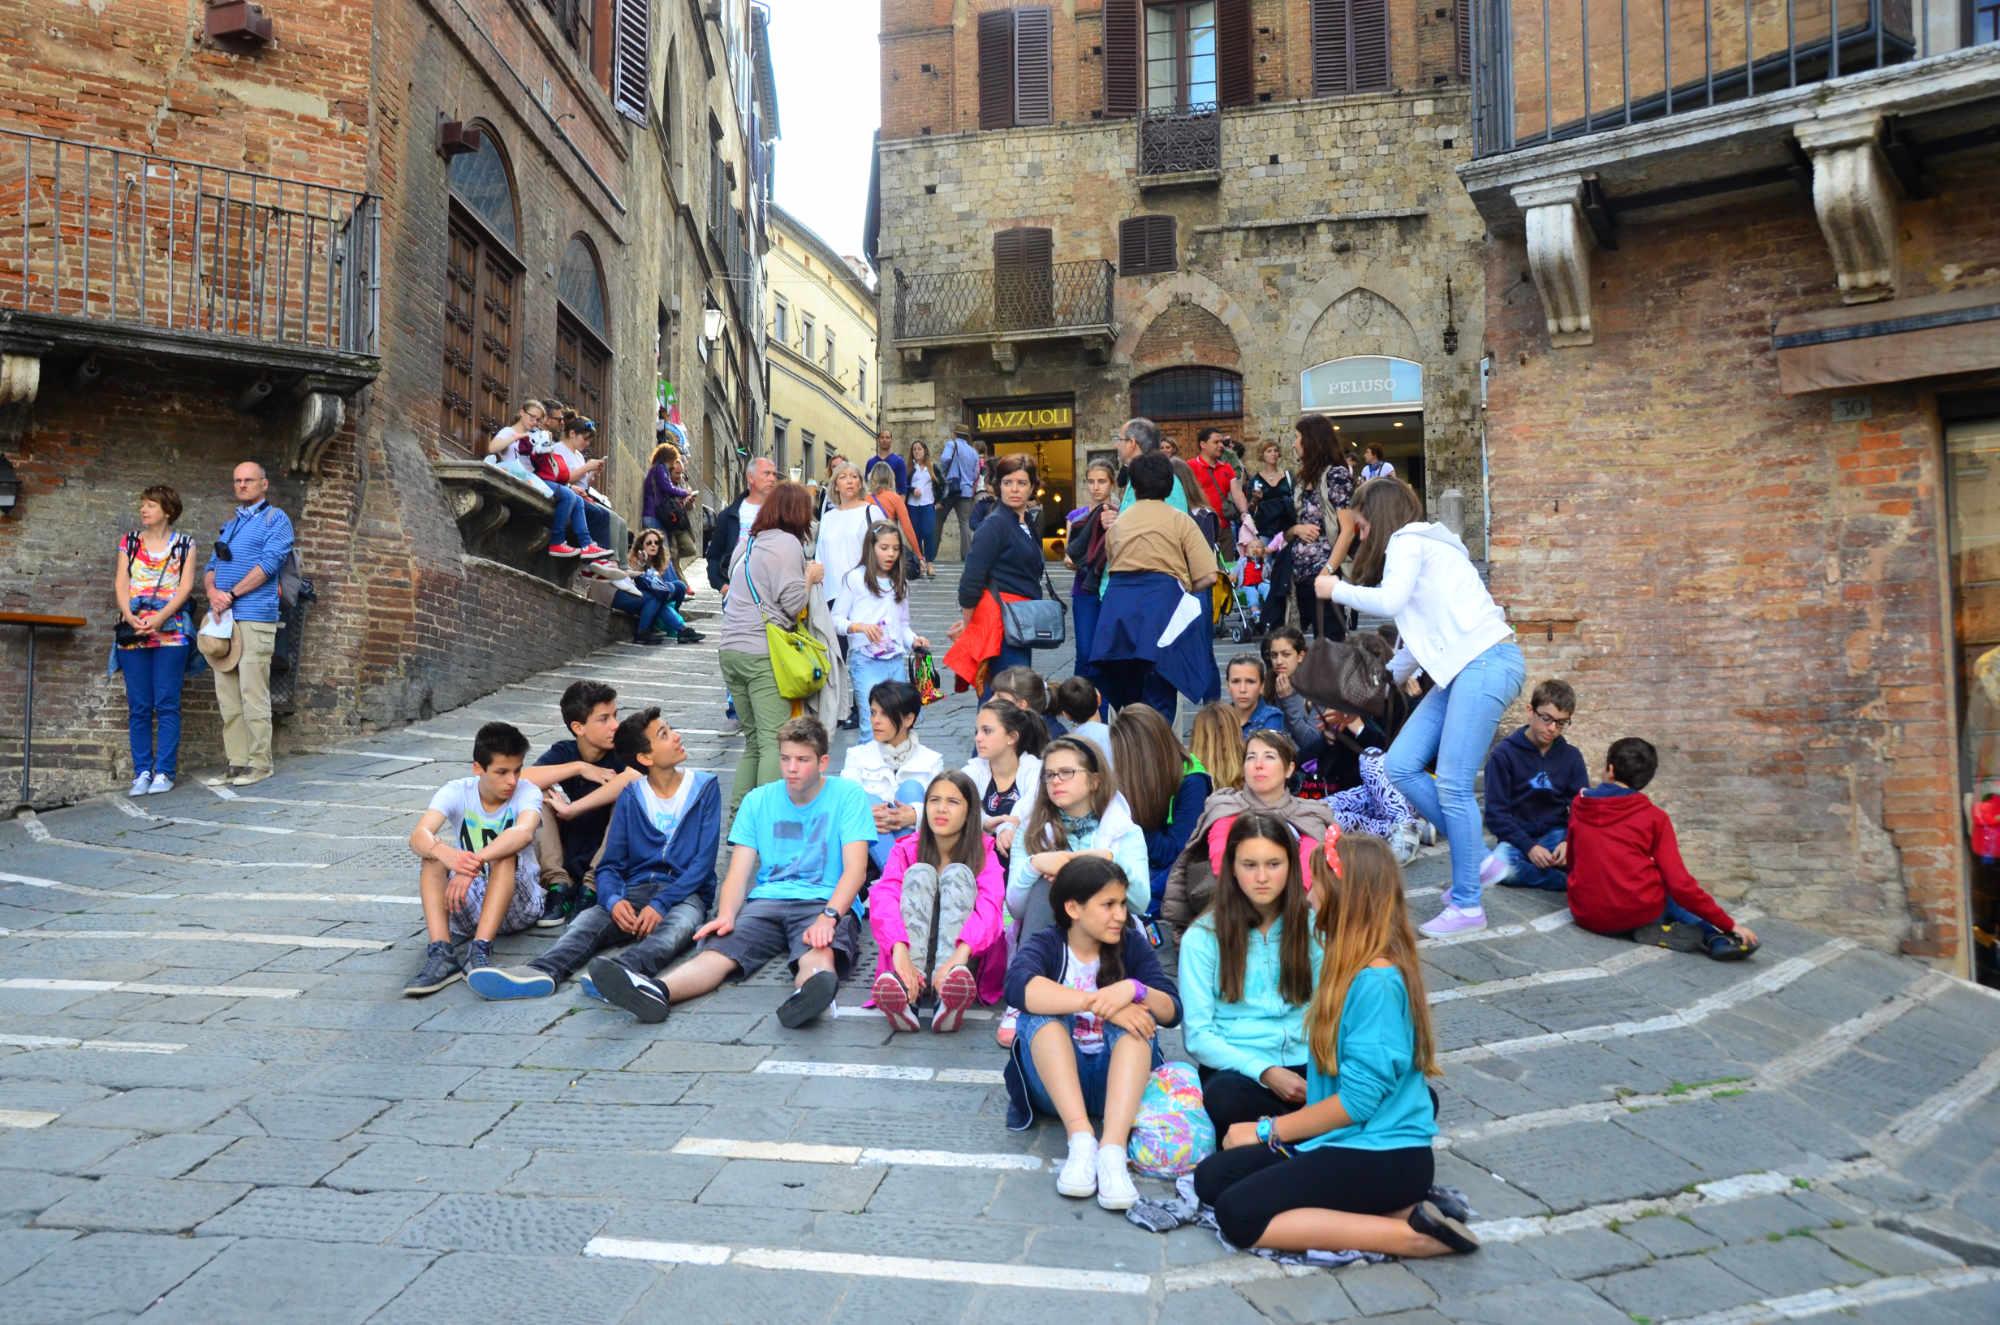 Gemellaggio, Toscana 2014